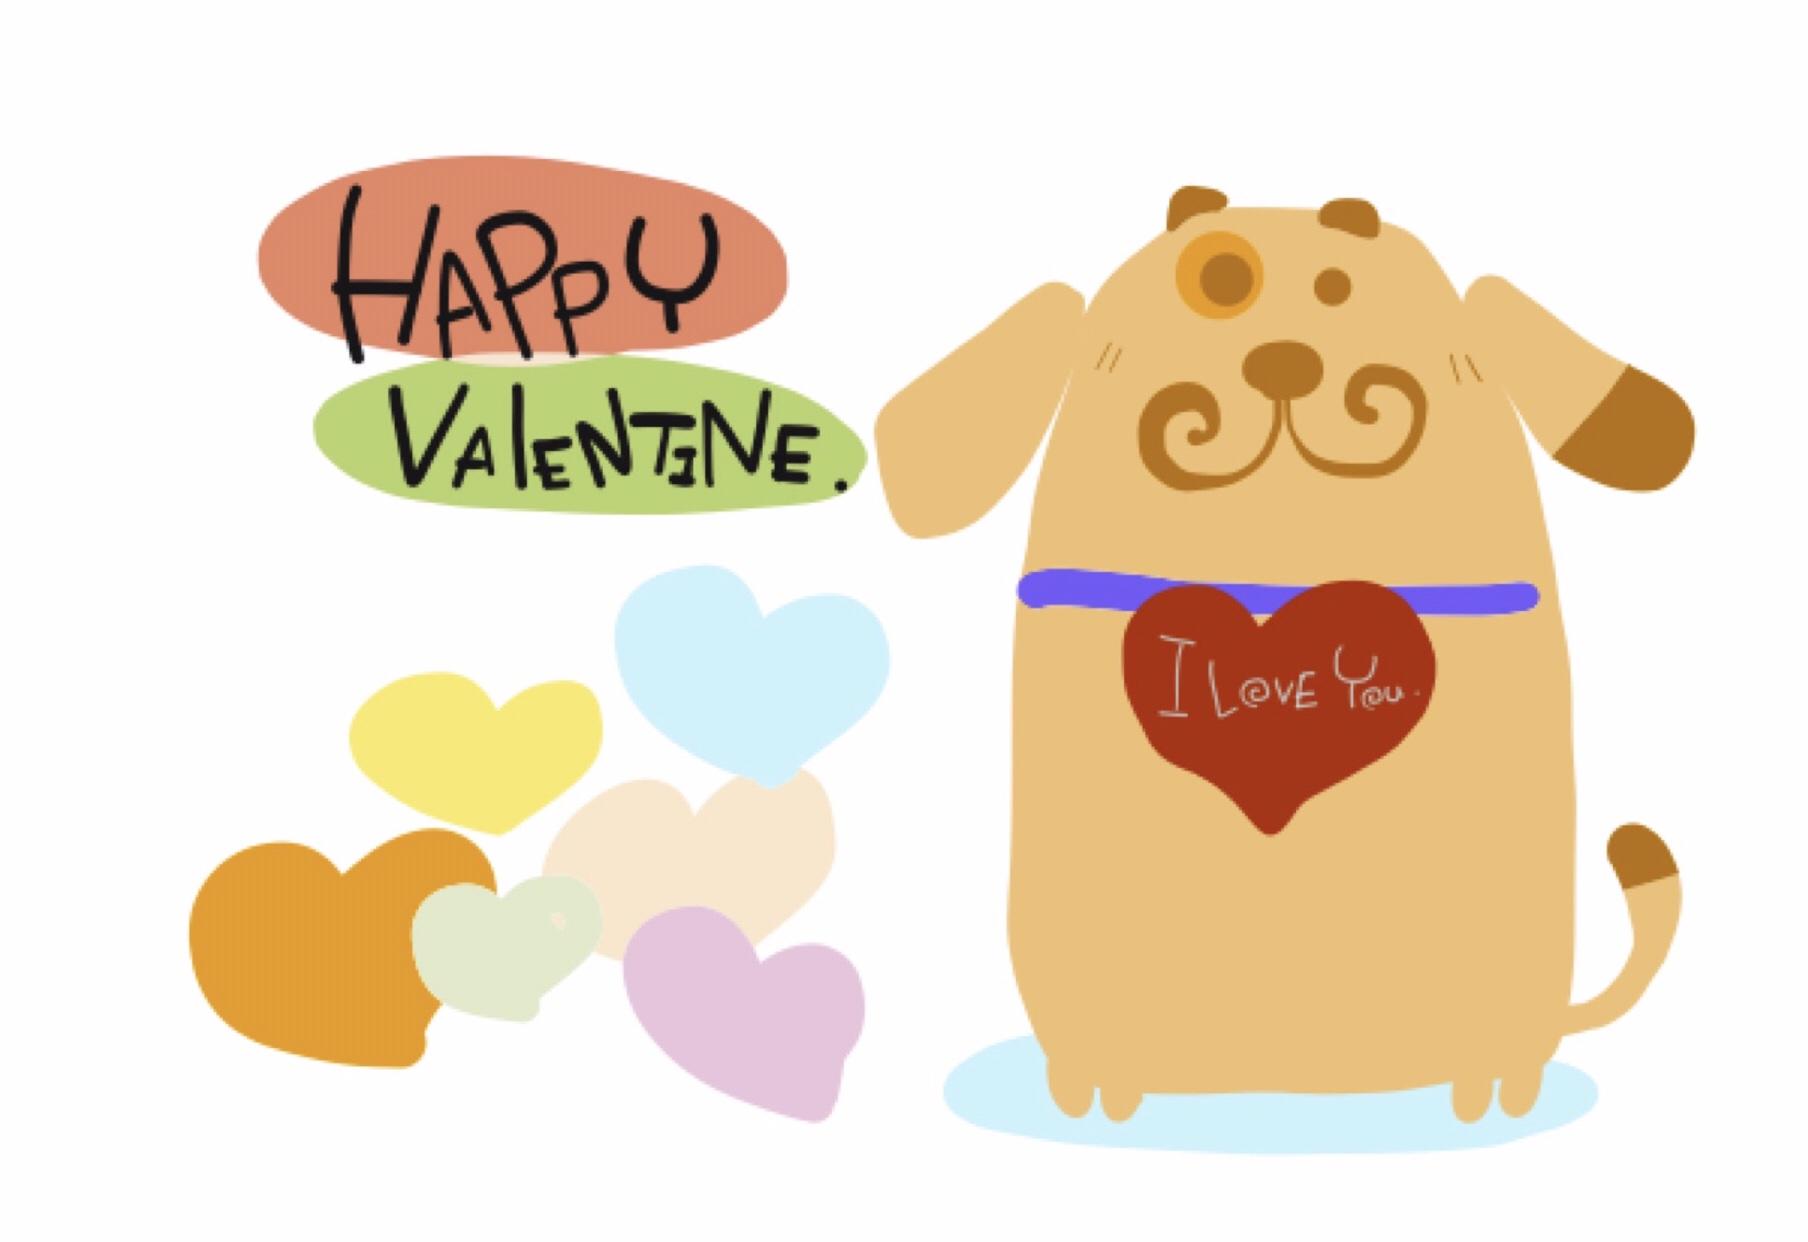 ハッピー バレンタイン デー Happy Valentine's